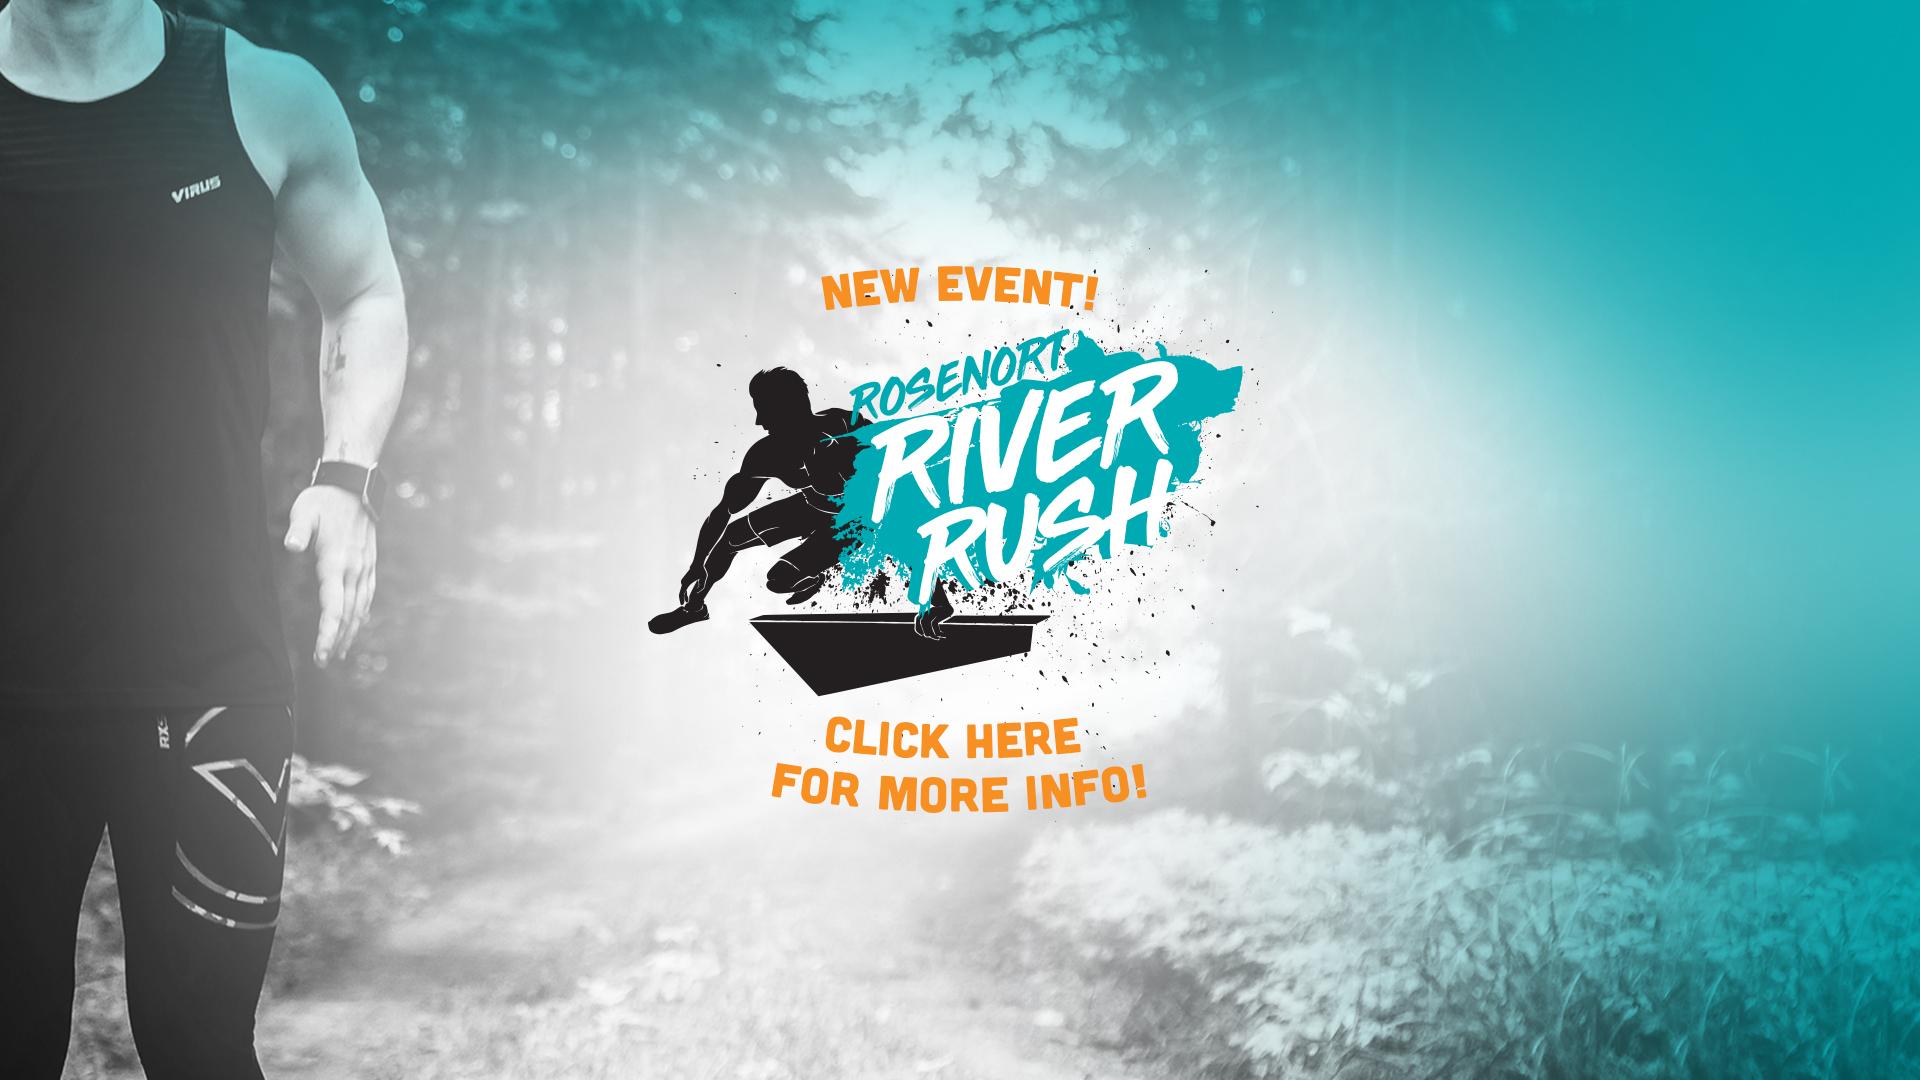 Banner-River-Rush-3.jpg